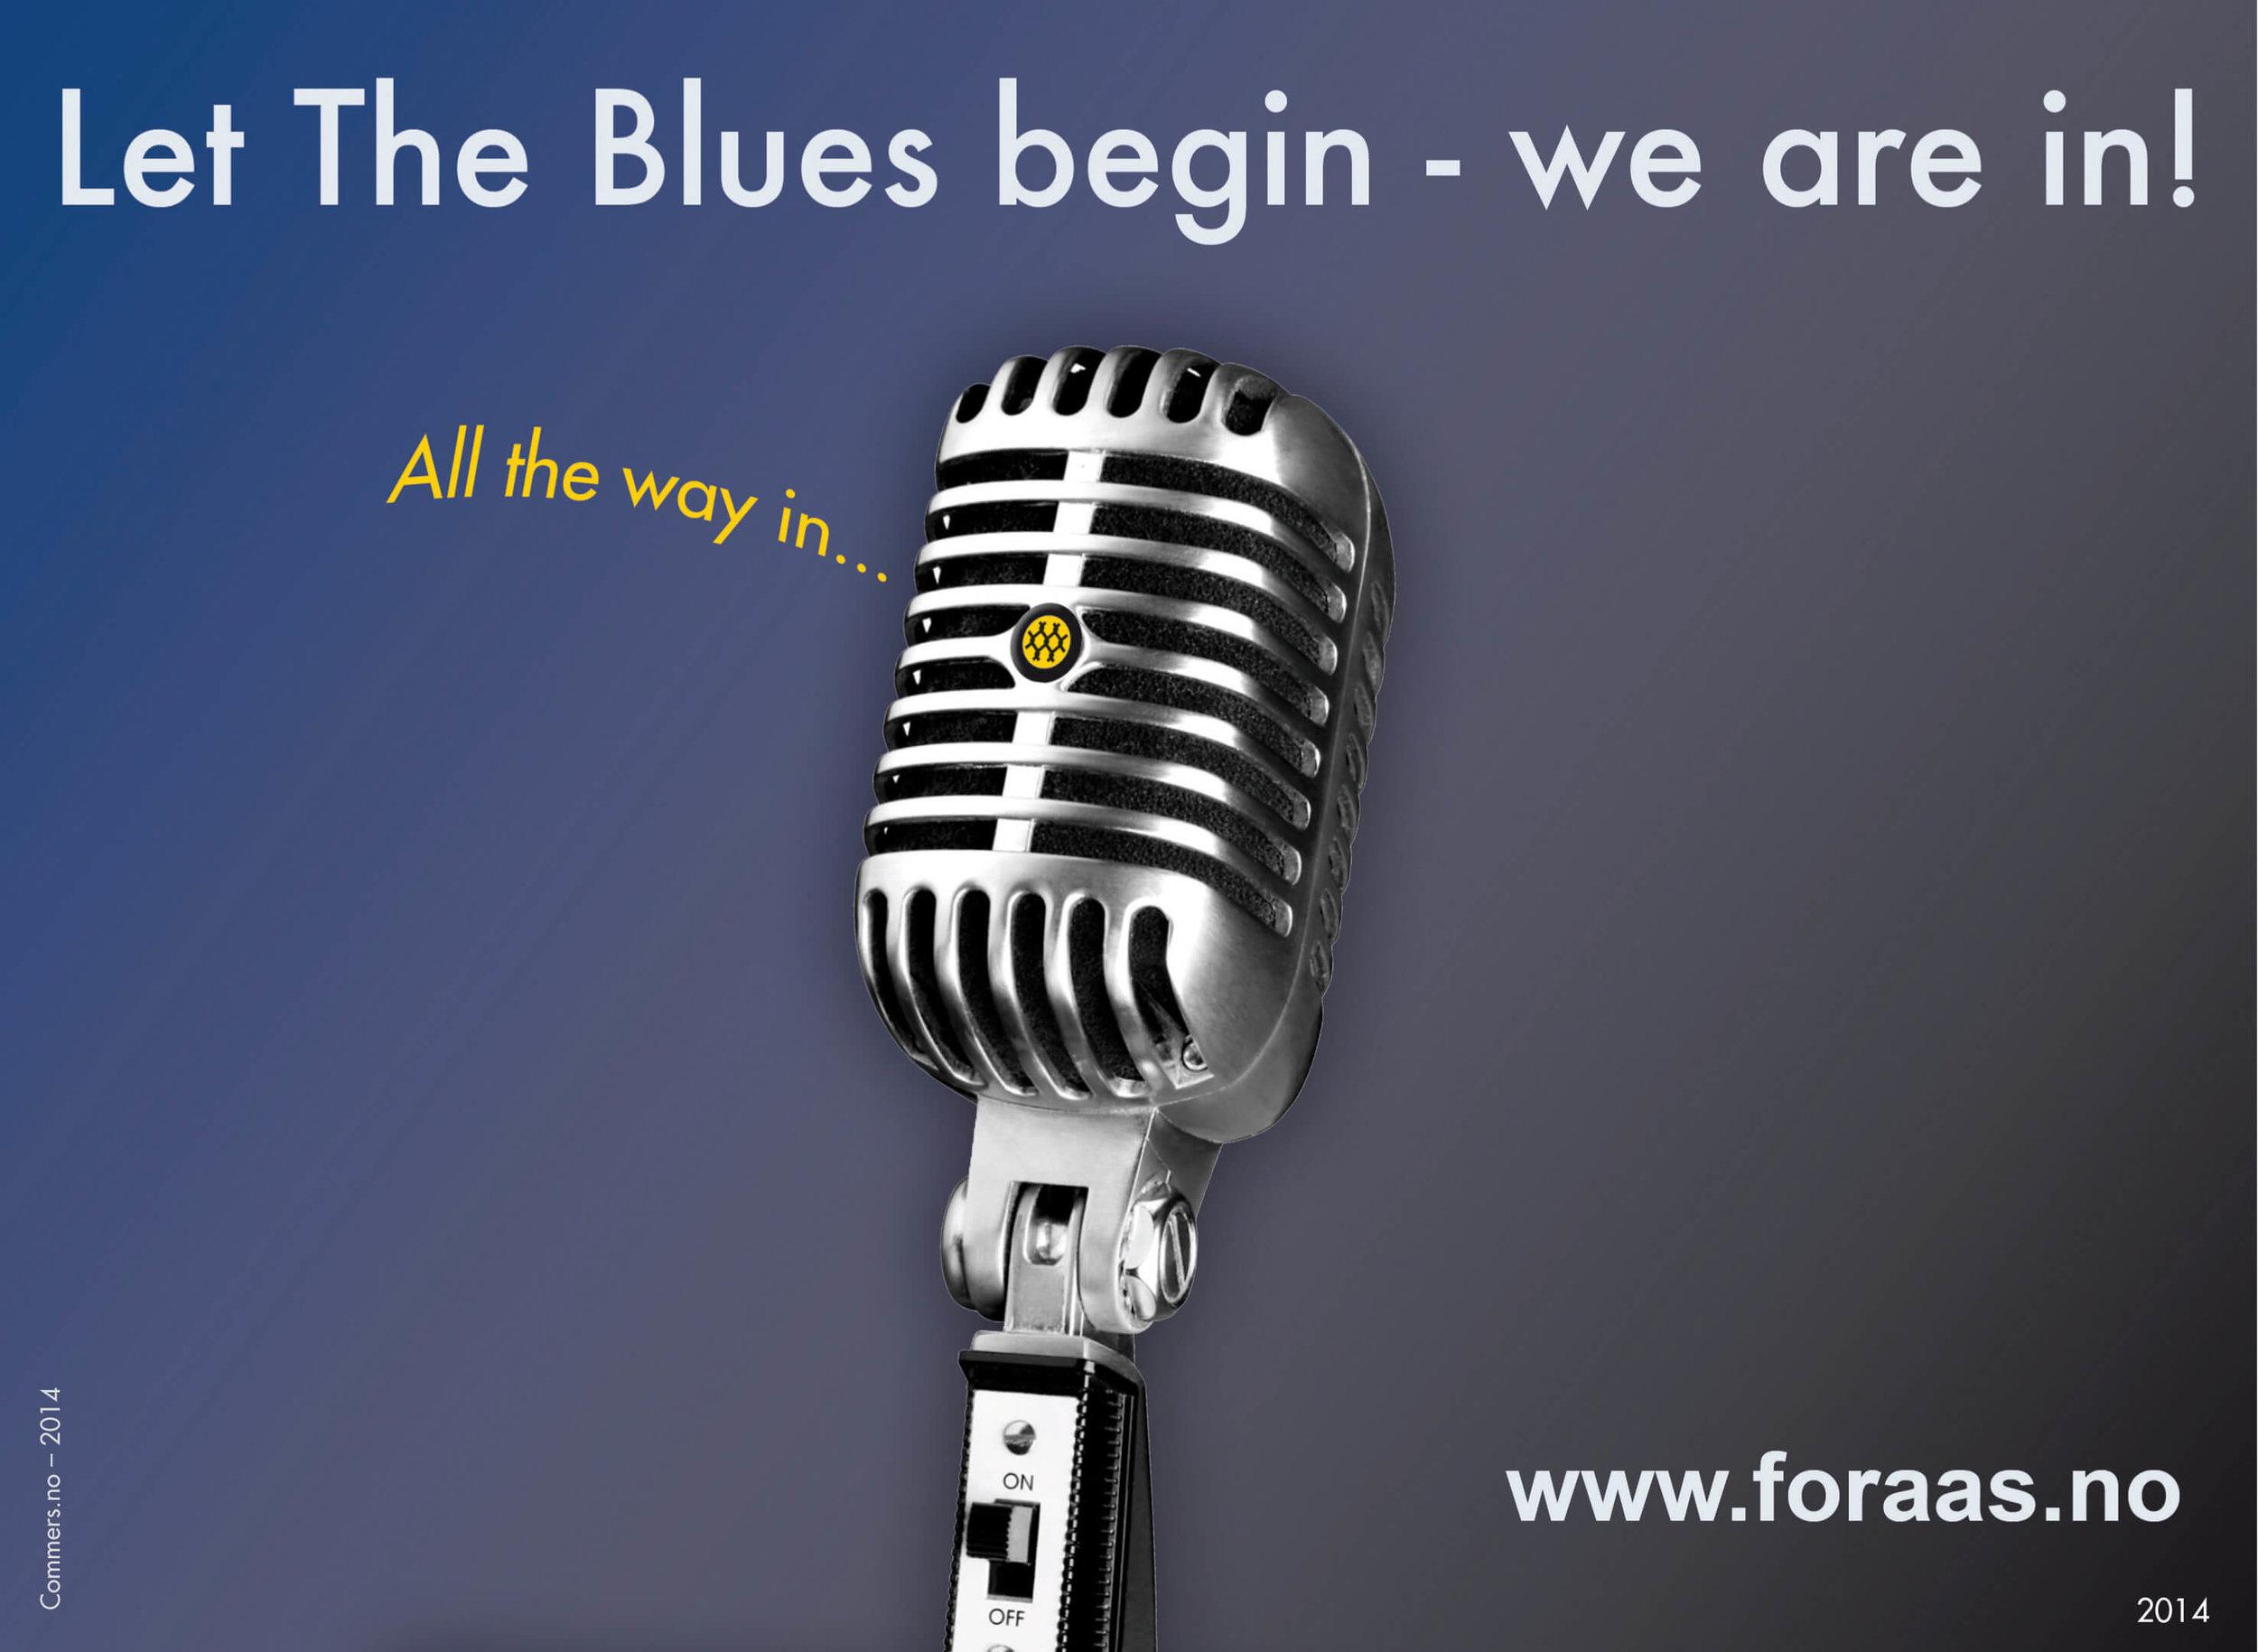 Nidaros Blues Festival - Foraas Områdesikring - 3.jpg